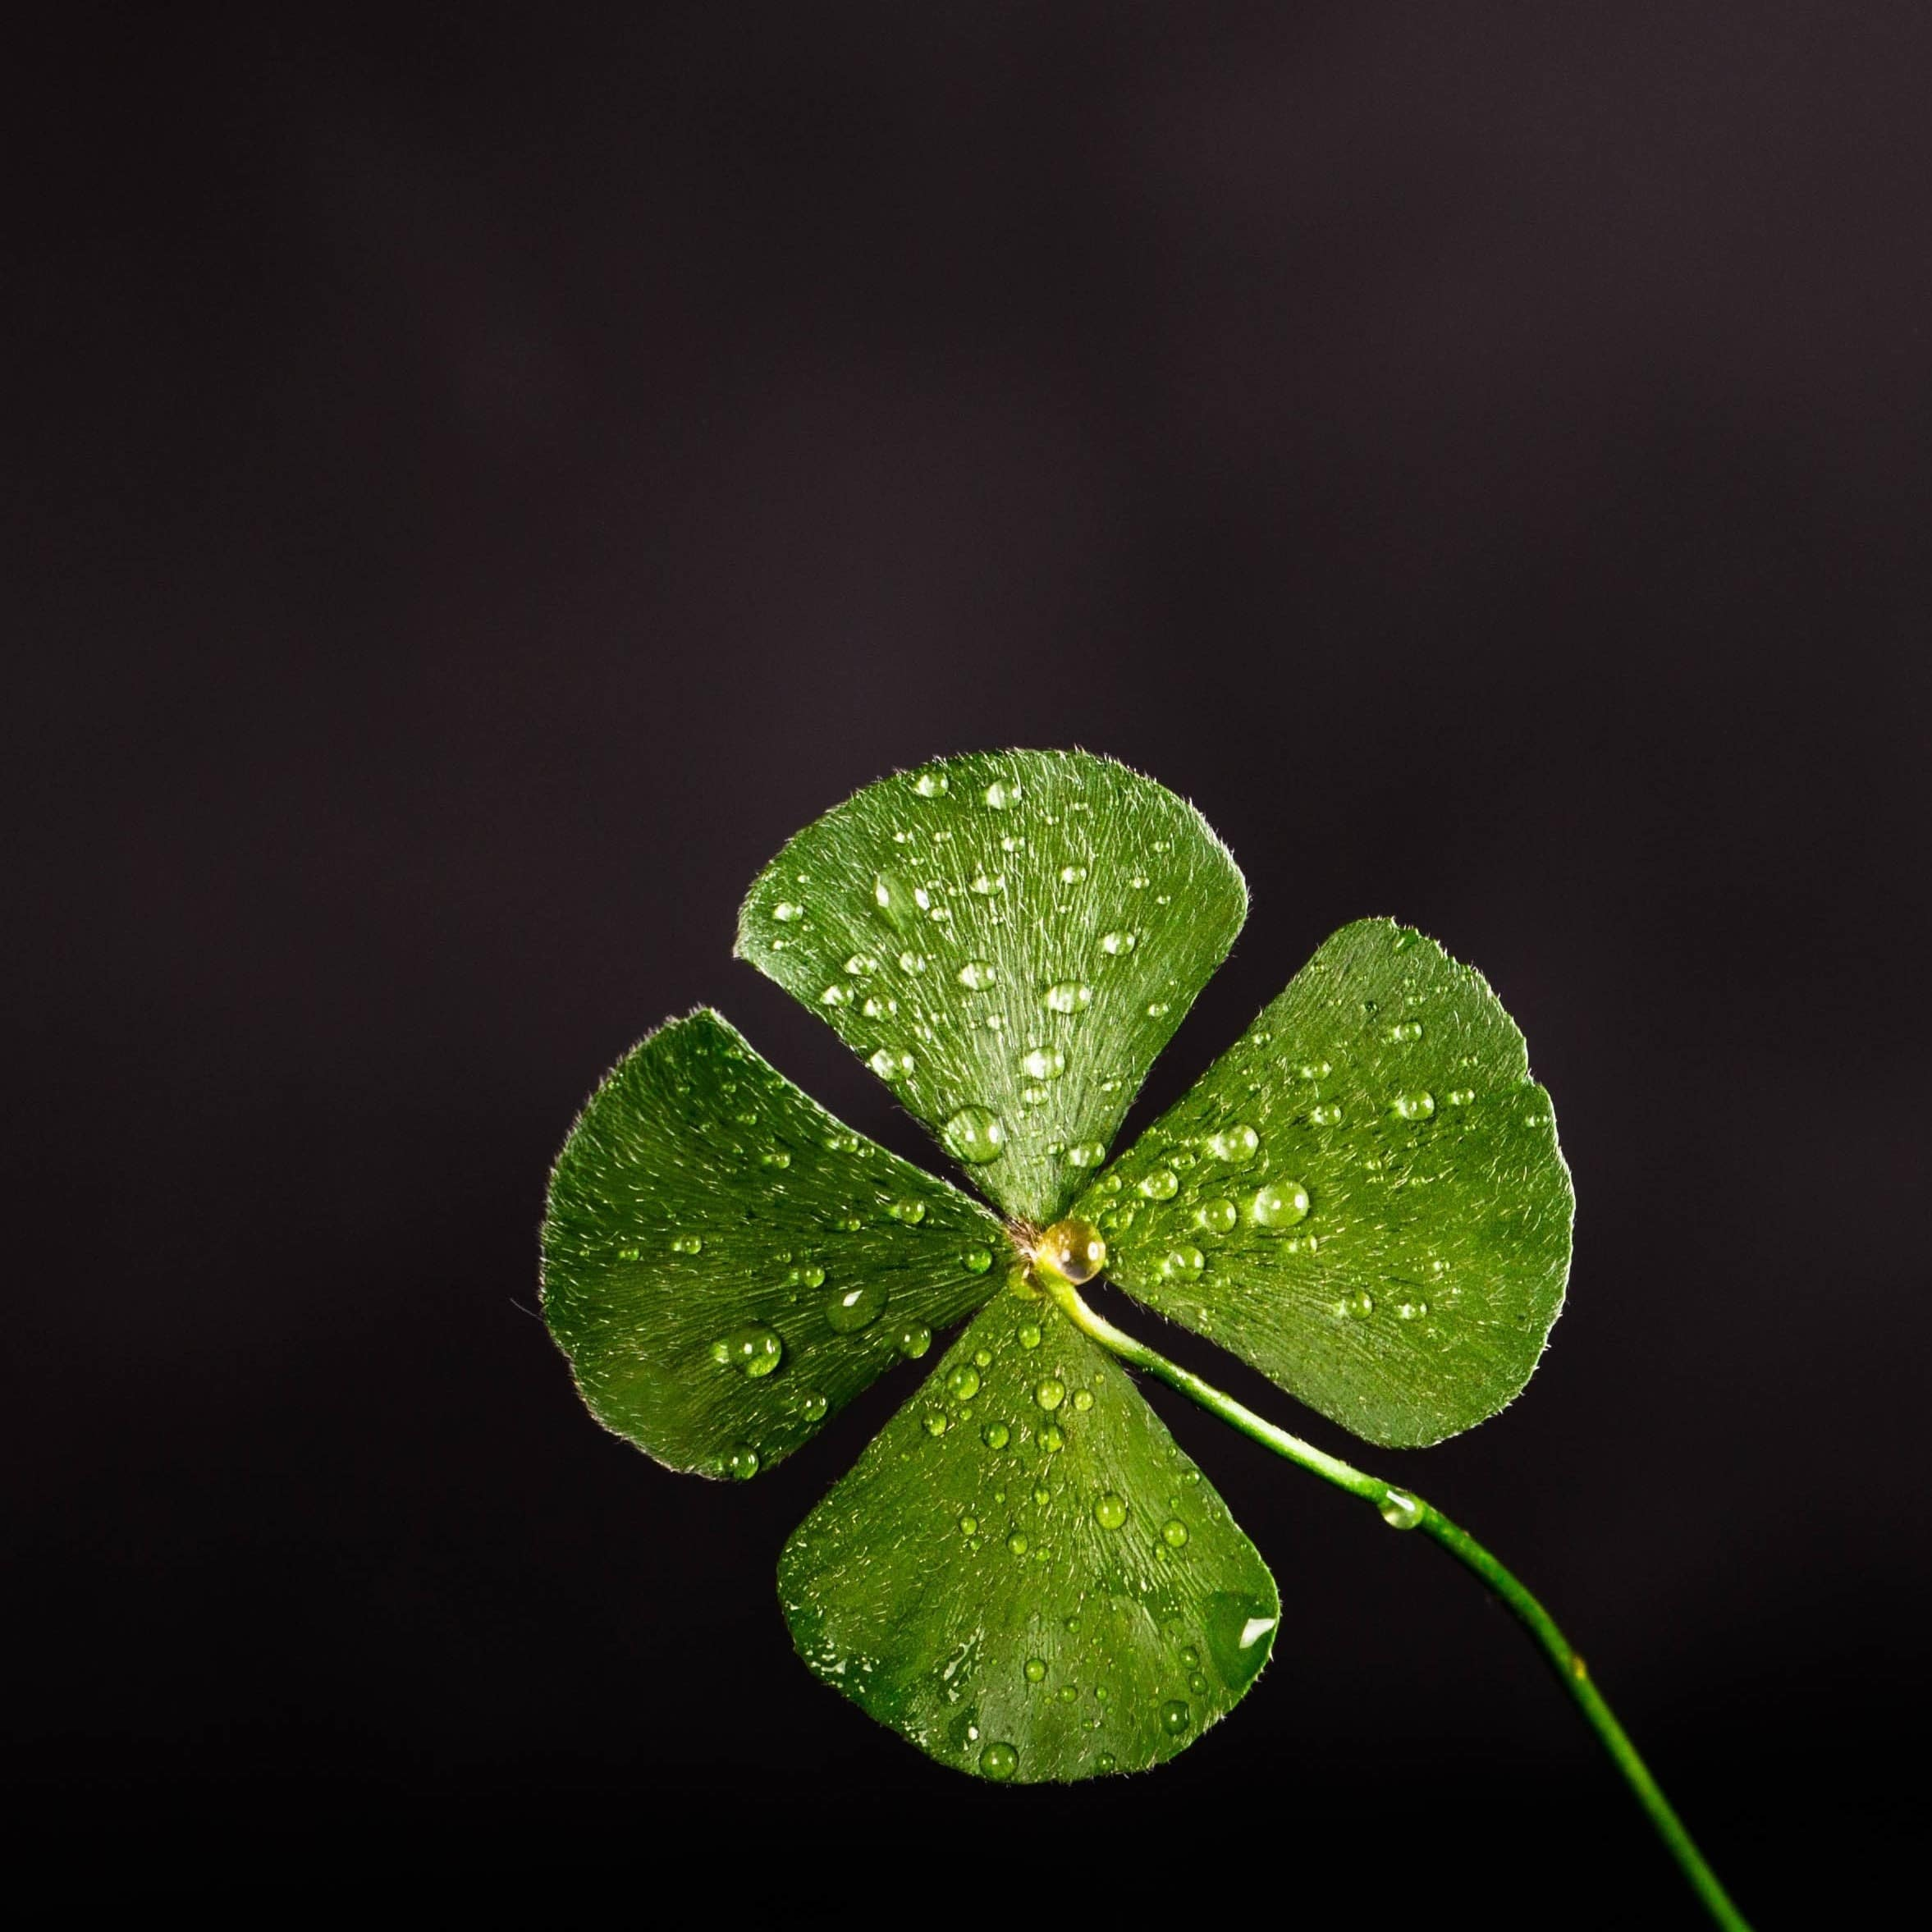 Um trevo-de-quatro-folhas, símbolo de sorte, verde e úmido sobre fundo preto.